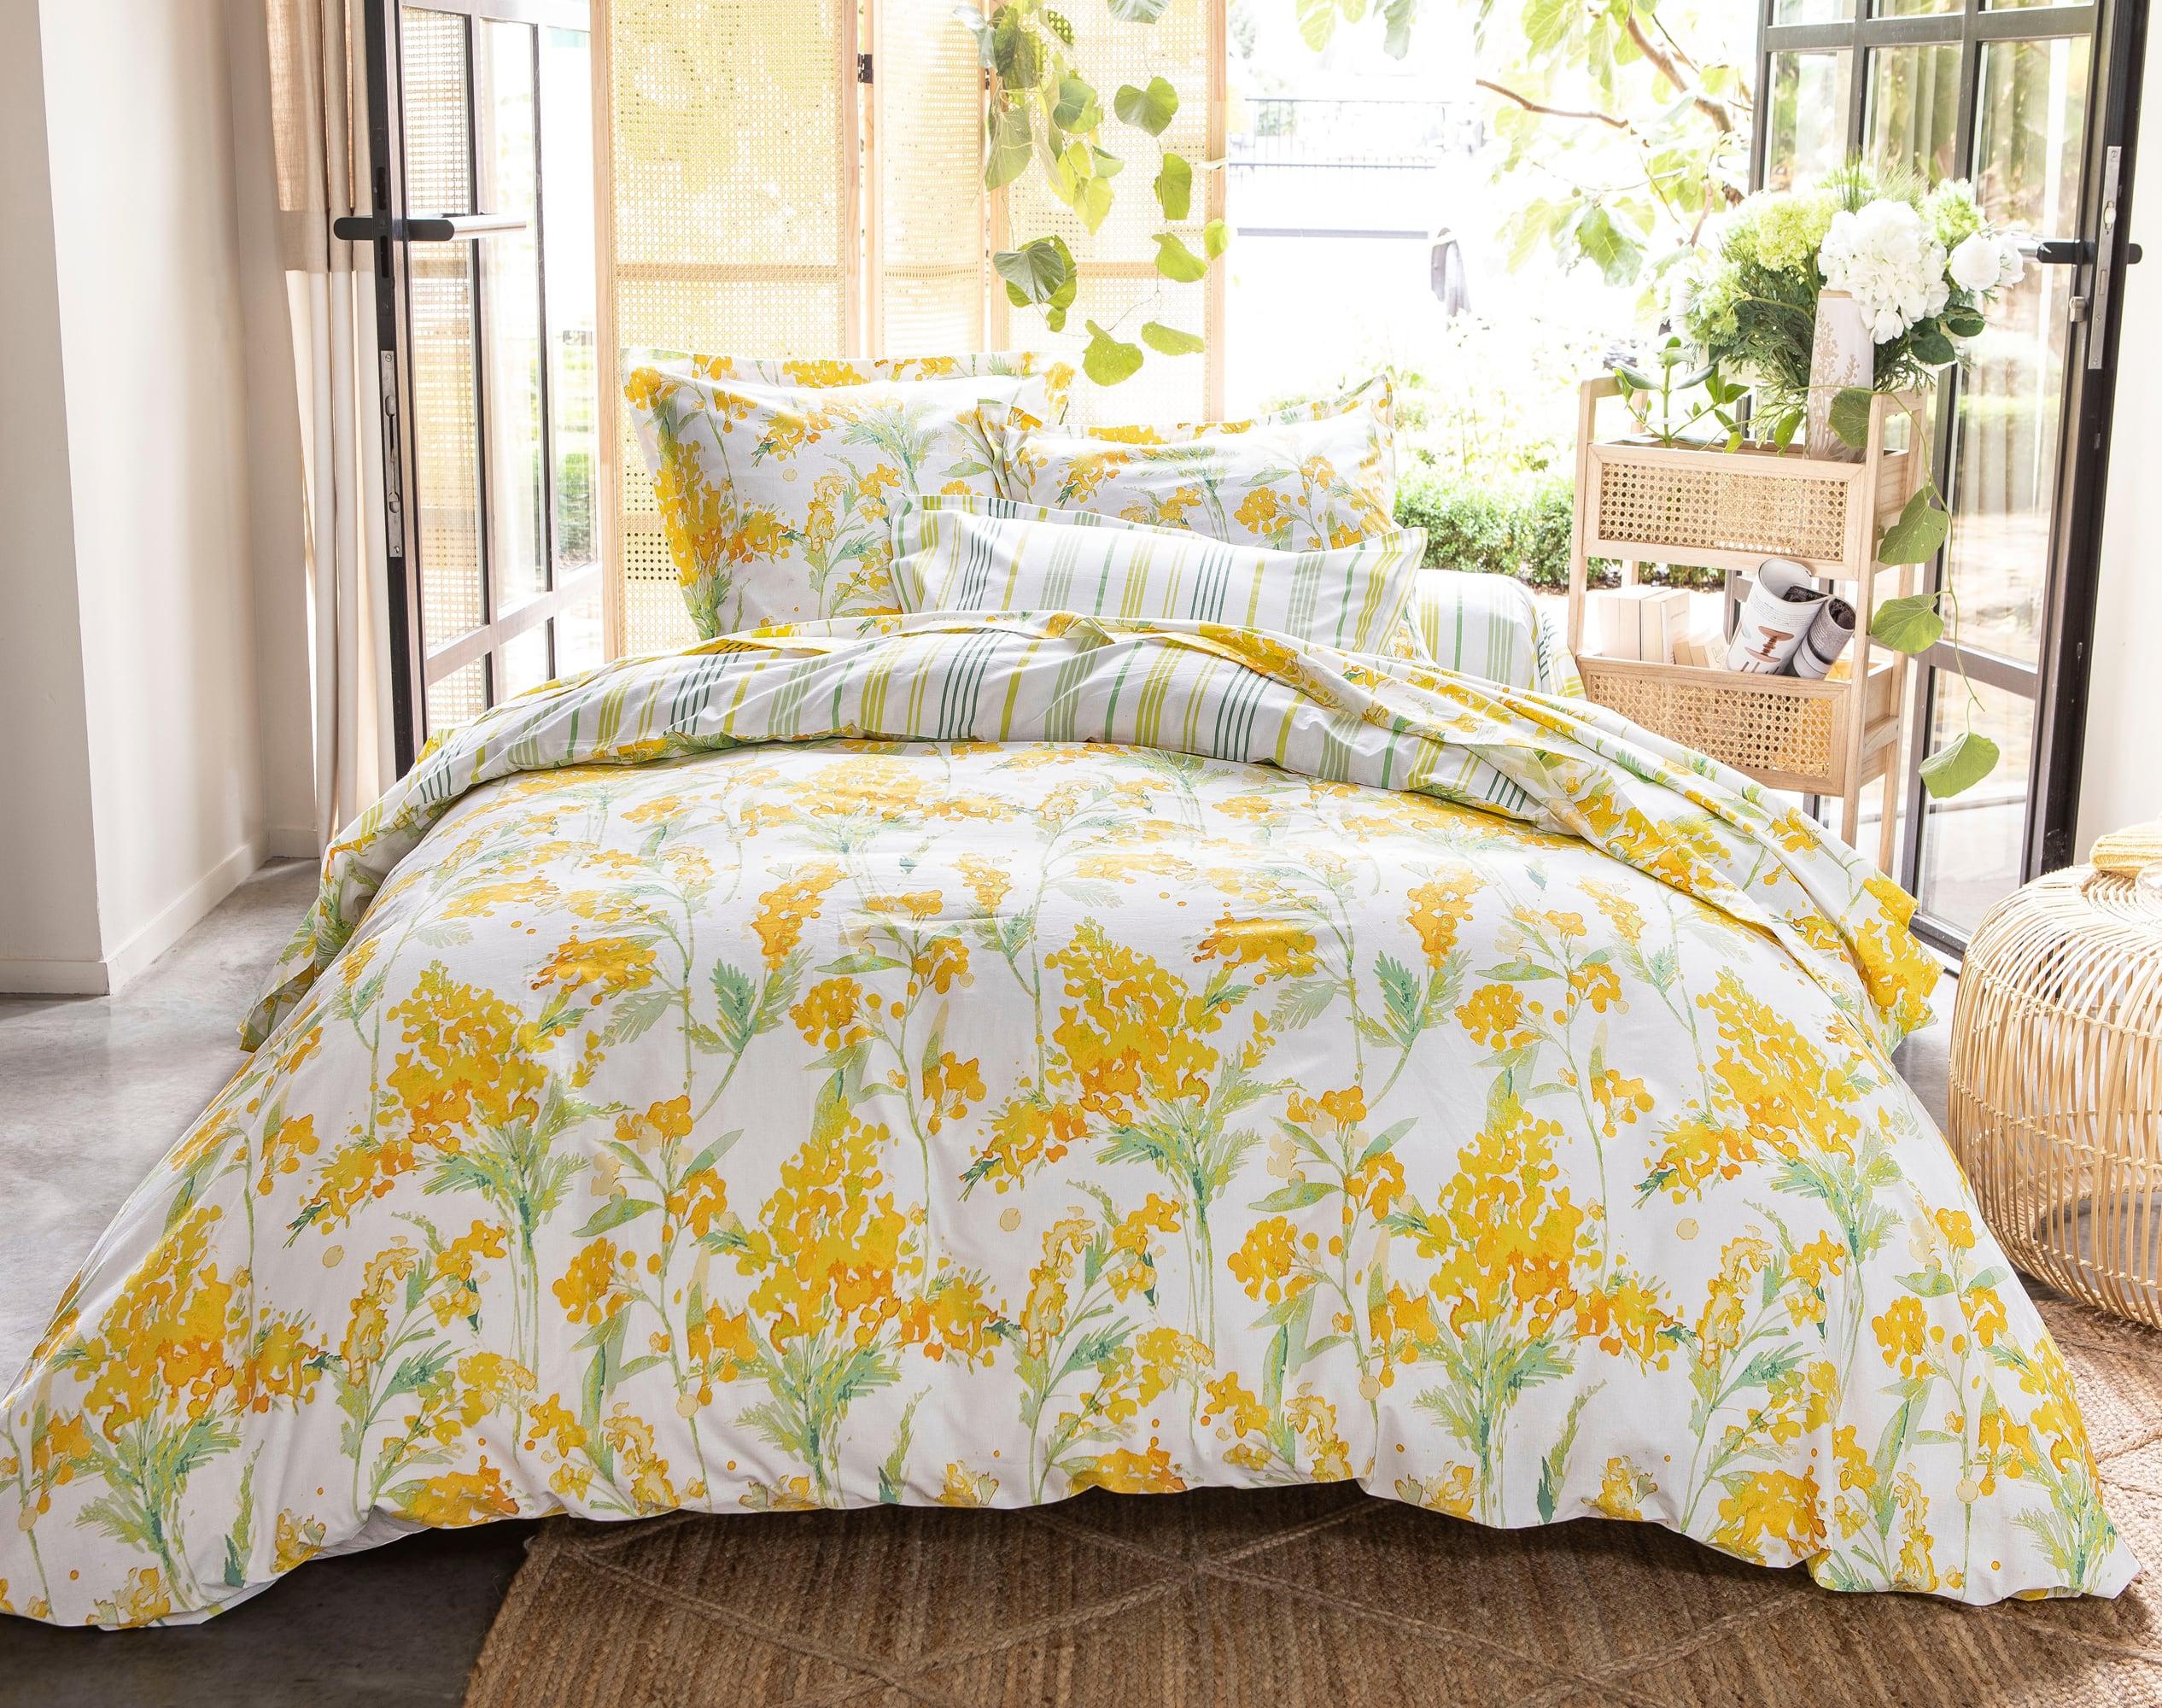 Housse de couette 140x200 en coton jaune mimosa